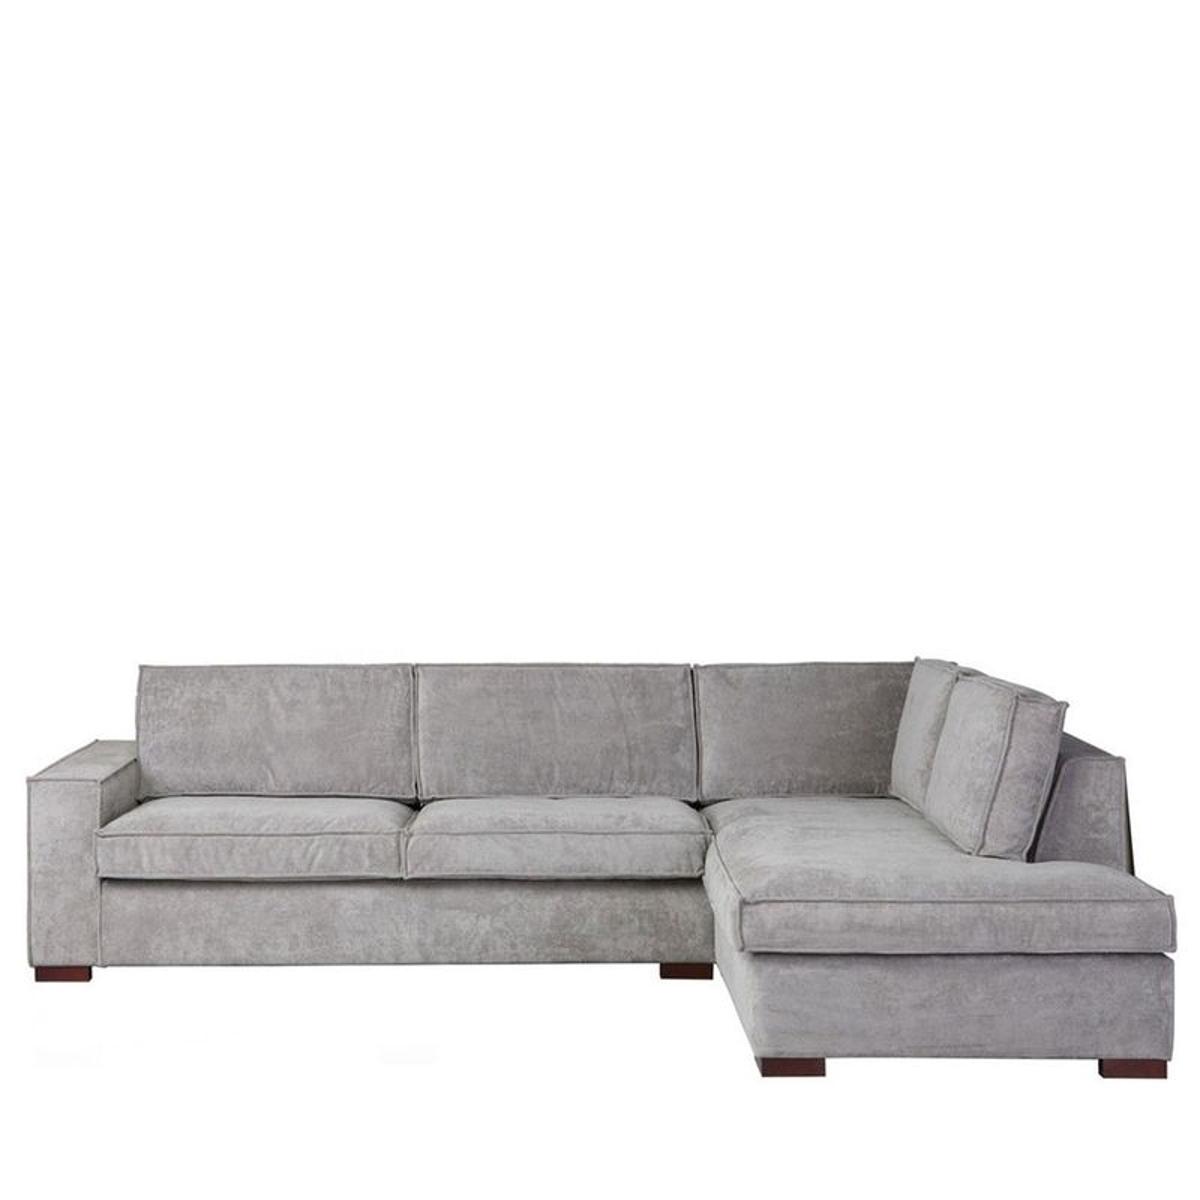 Thomas - canapé d'angle sur le côté droit avec tissu côtelé